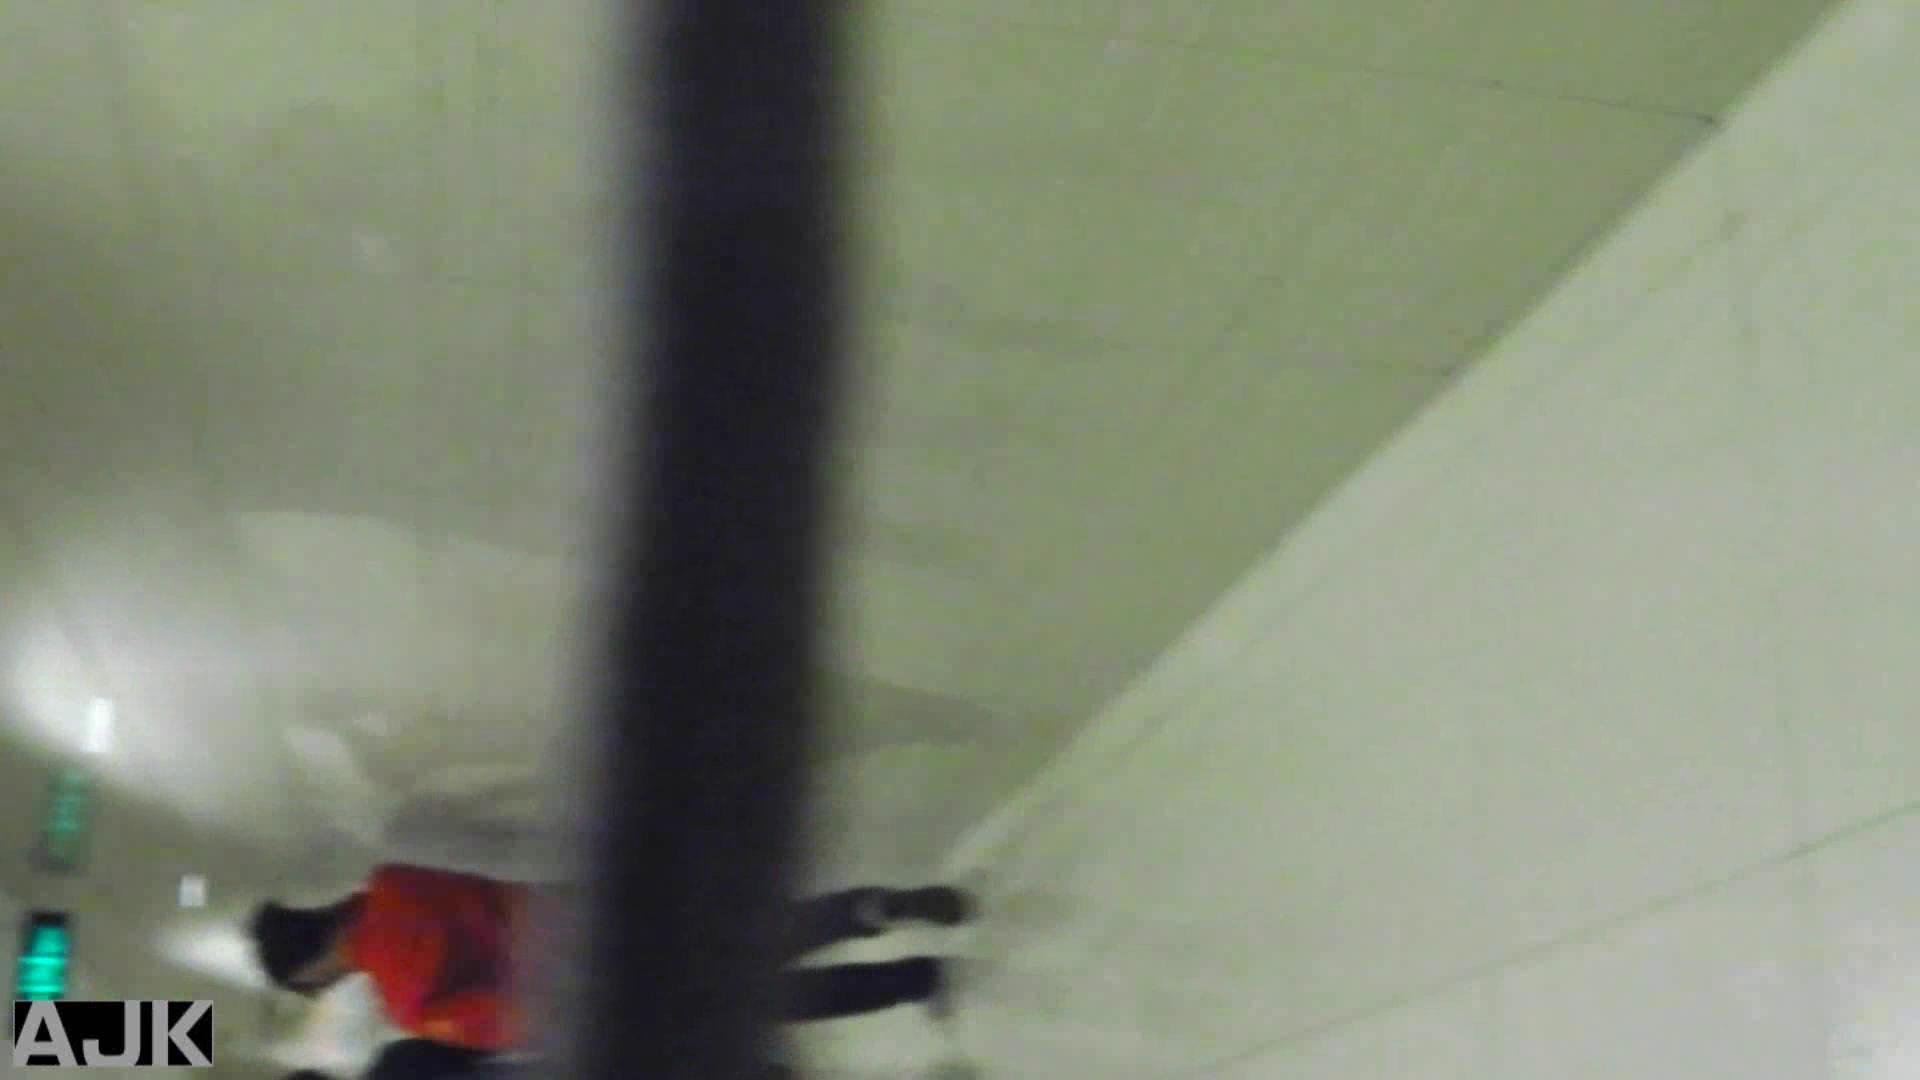 神降臨!史上最強の潜入かわや! vol.16 お姉さん達のオマンコ アダルト動画キャプチャ 44連発 38